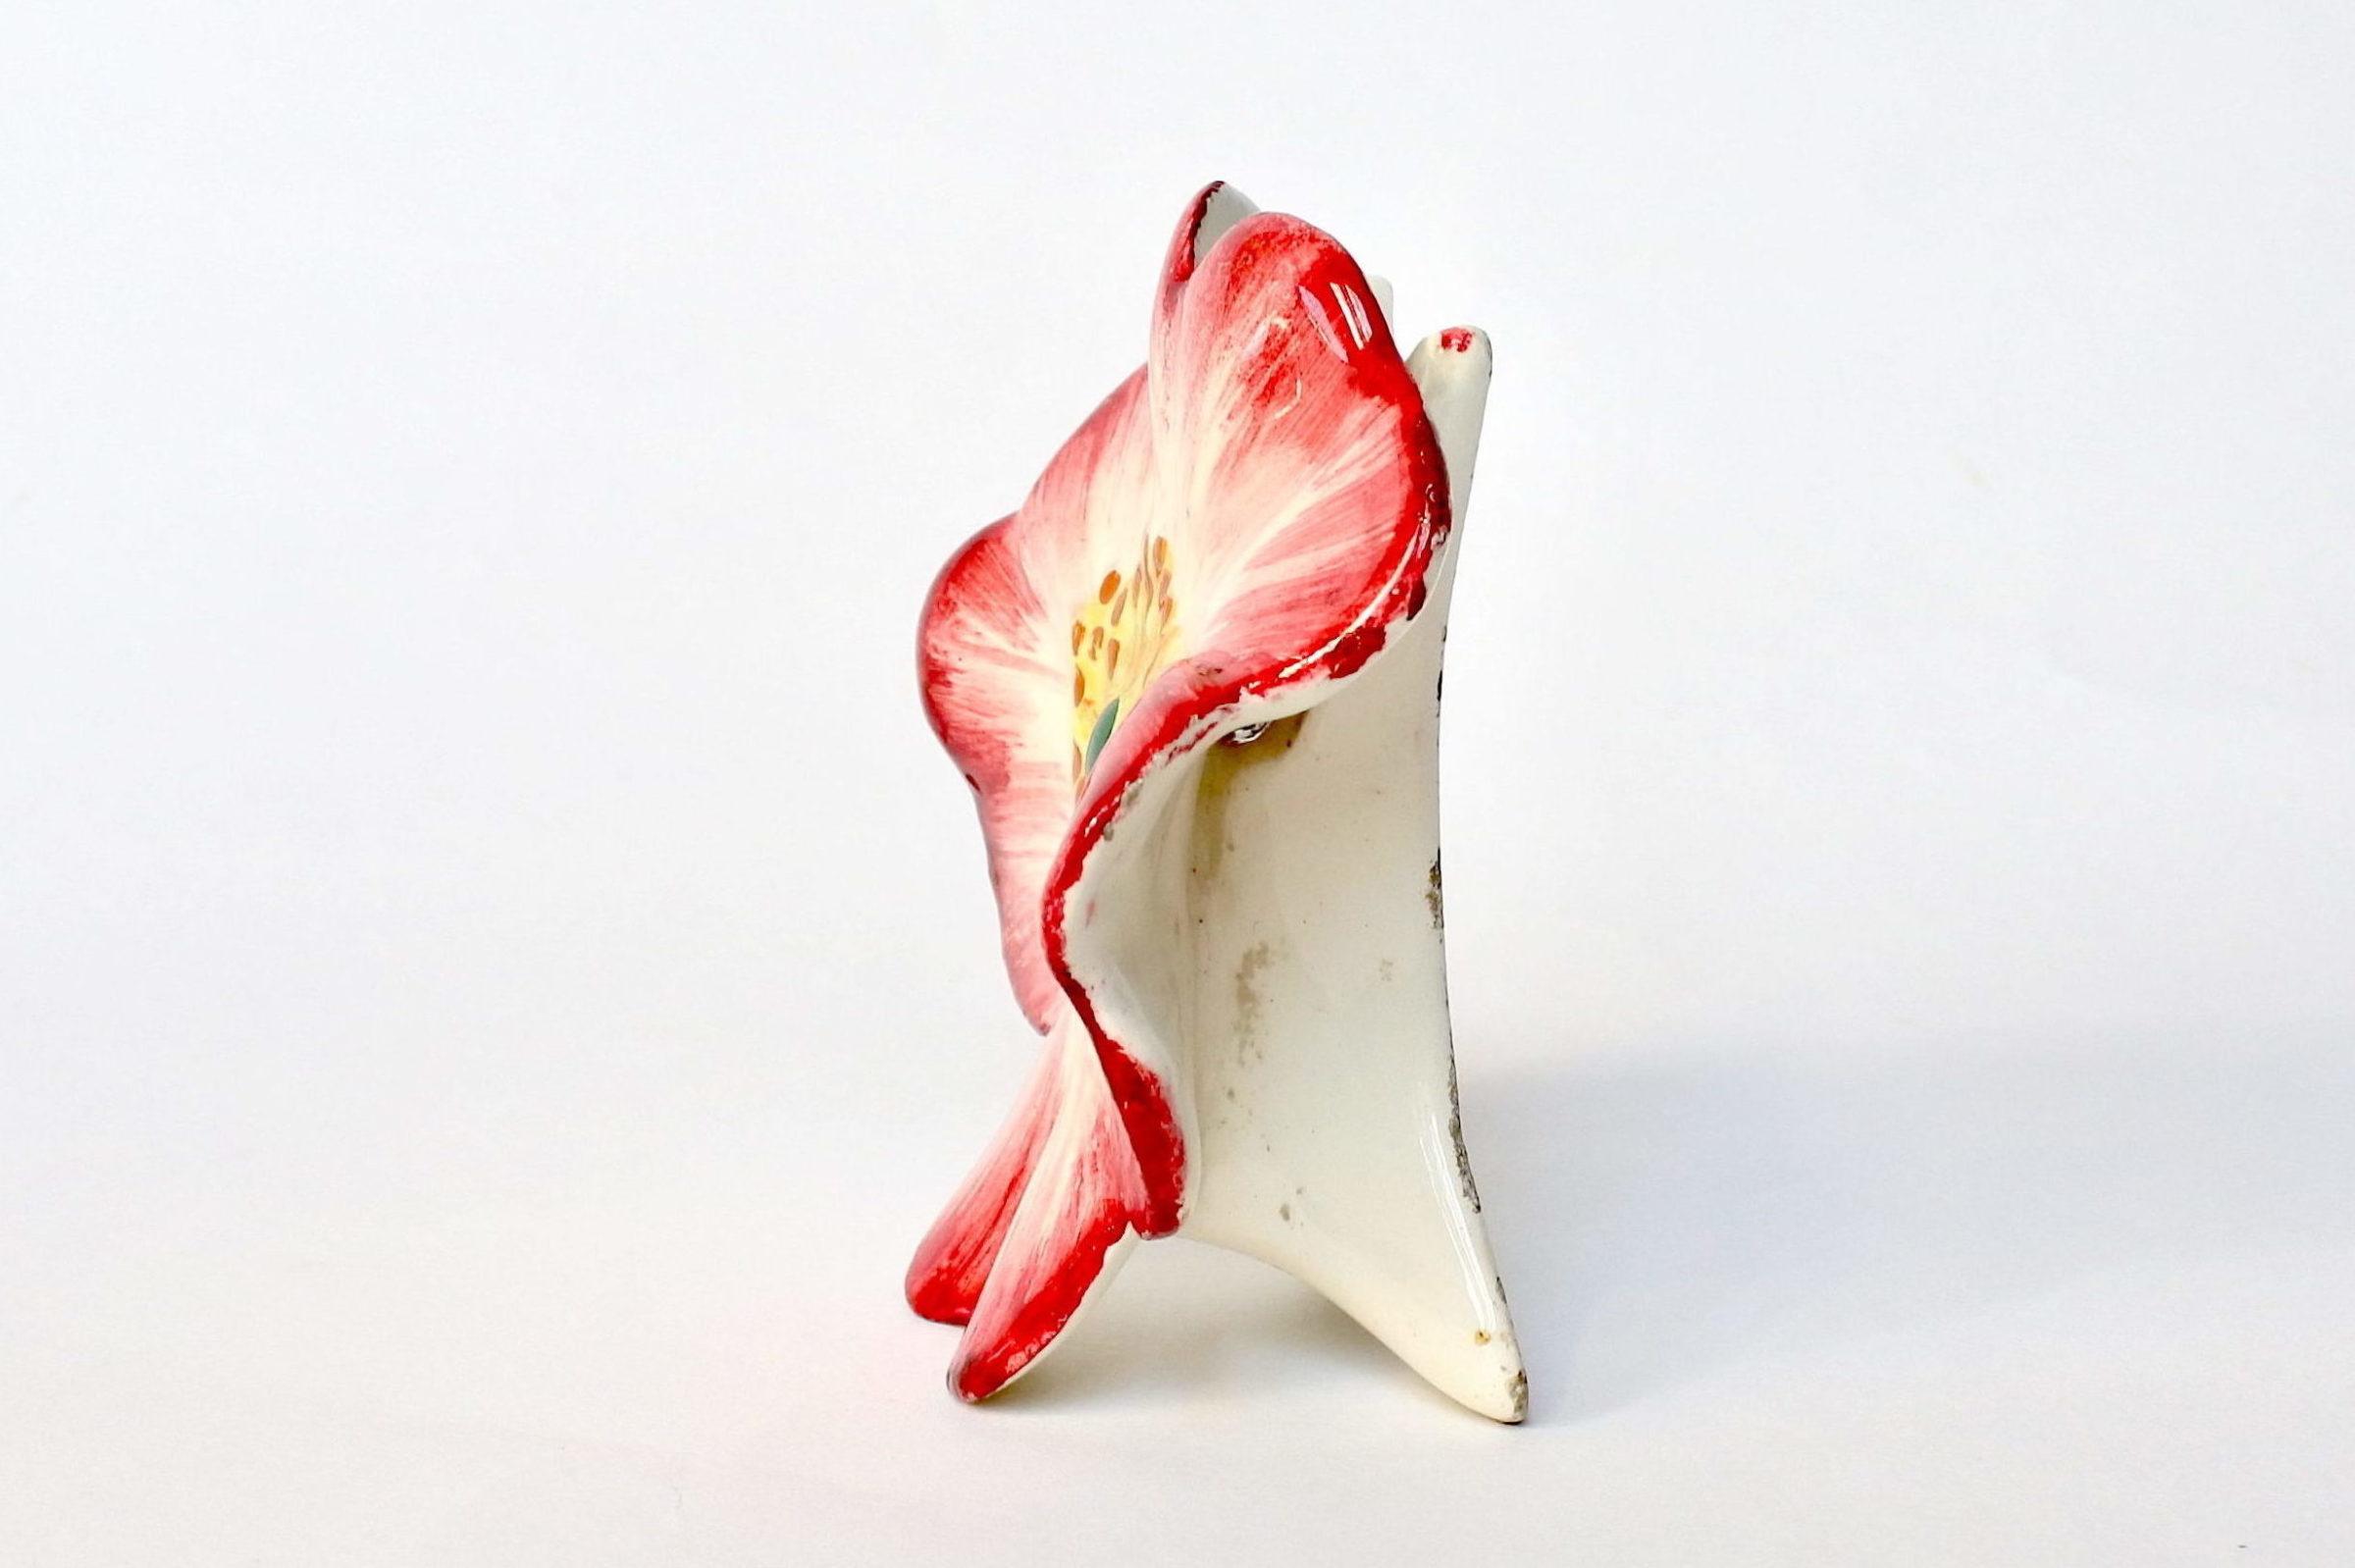 Porta menu o segnaposto in ceramica barbotine a forma di rosa canina - Massier - 2